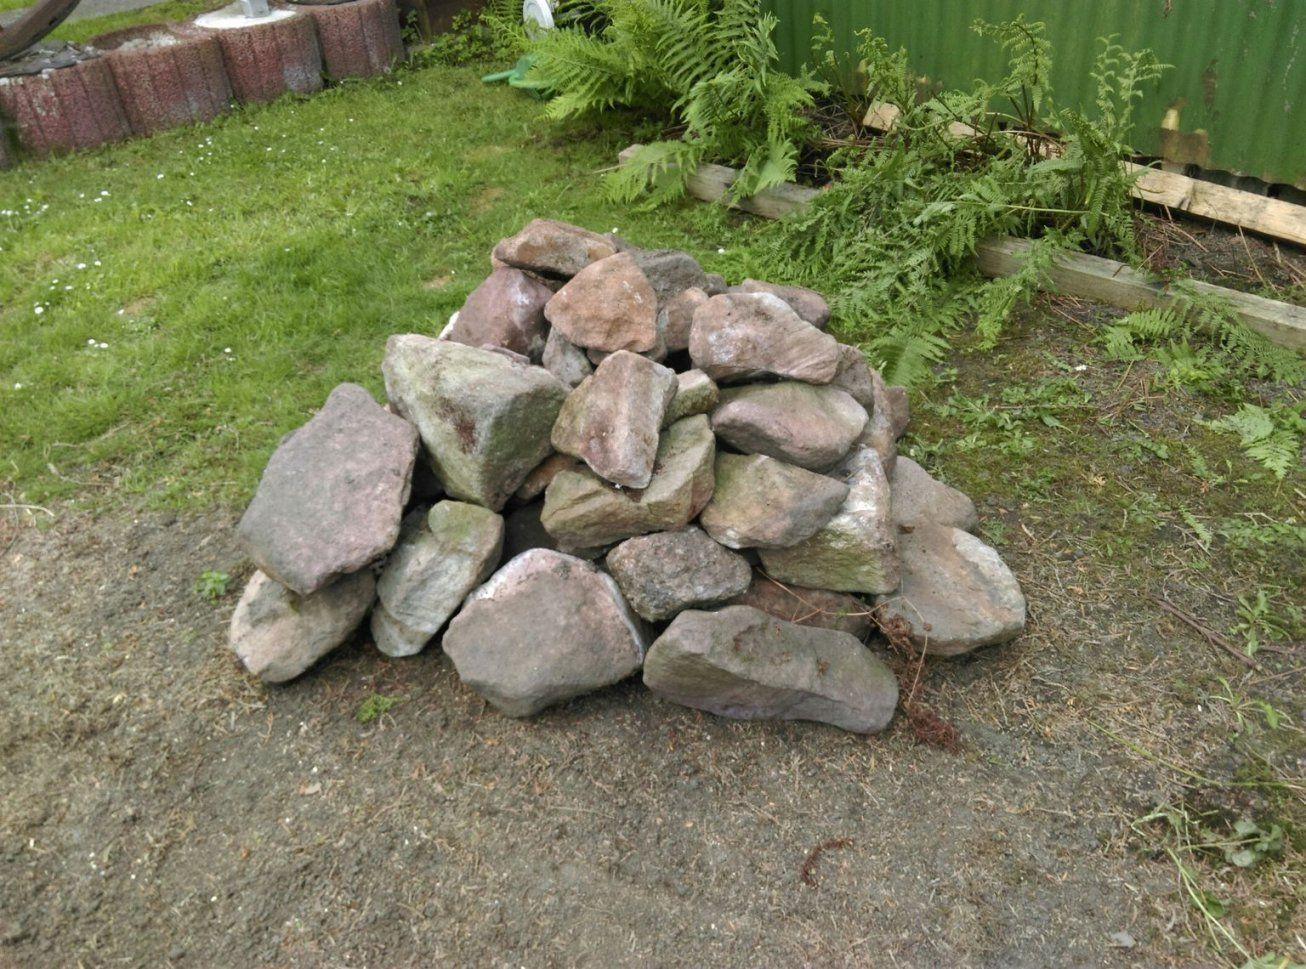 Gebraucht Bruchsteine Zu Verschenken In 45359 Essen Um € 000 – Shpock von Garten Zu Verschenken Hannover Photo